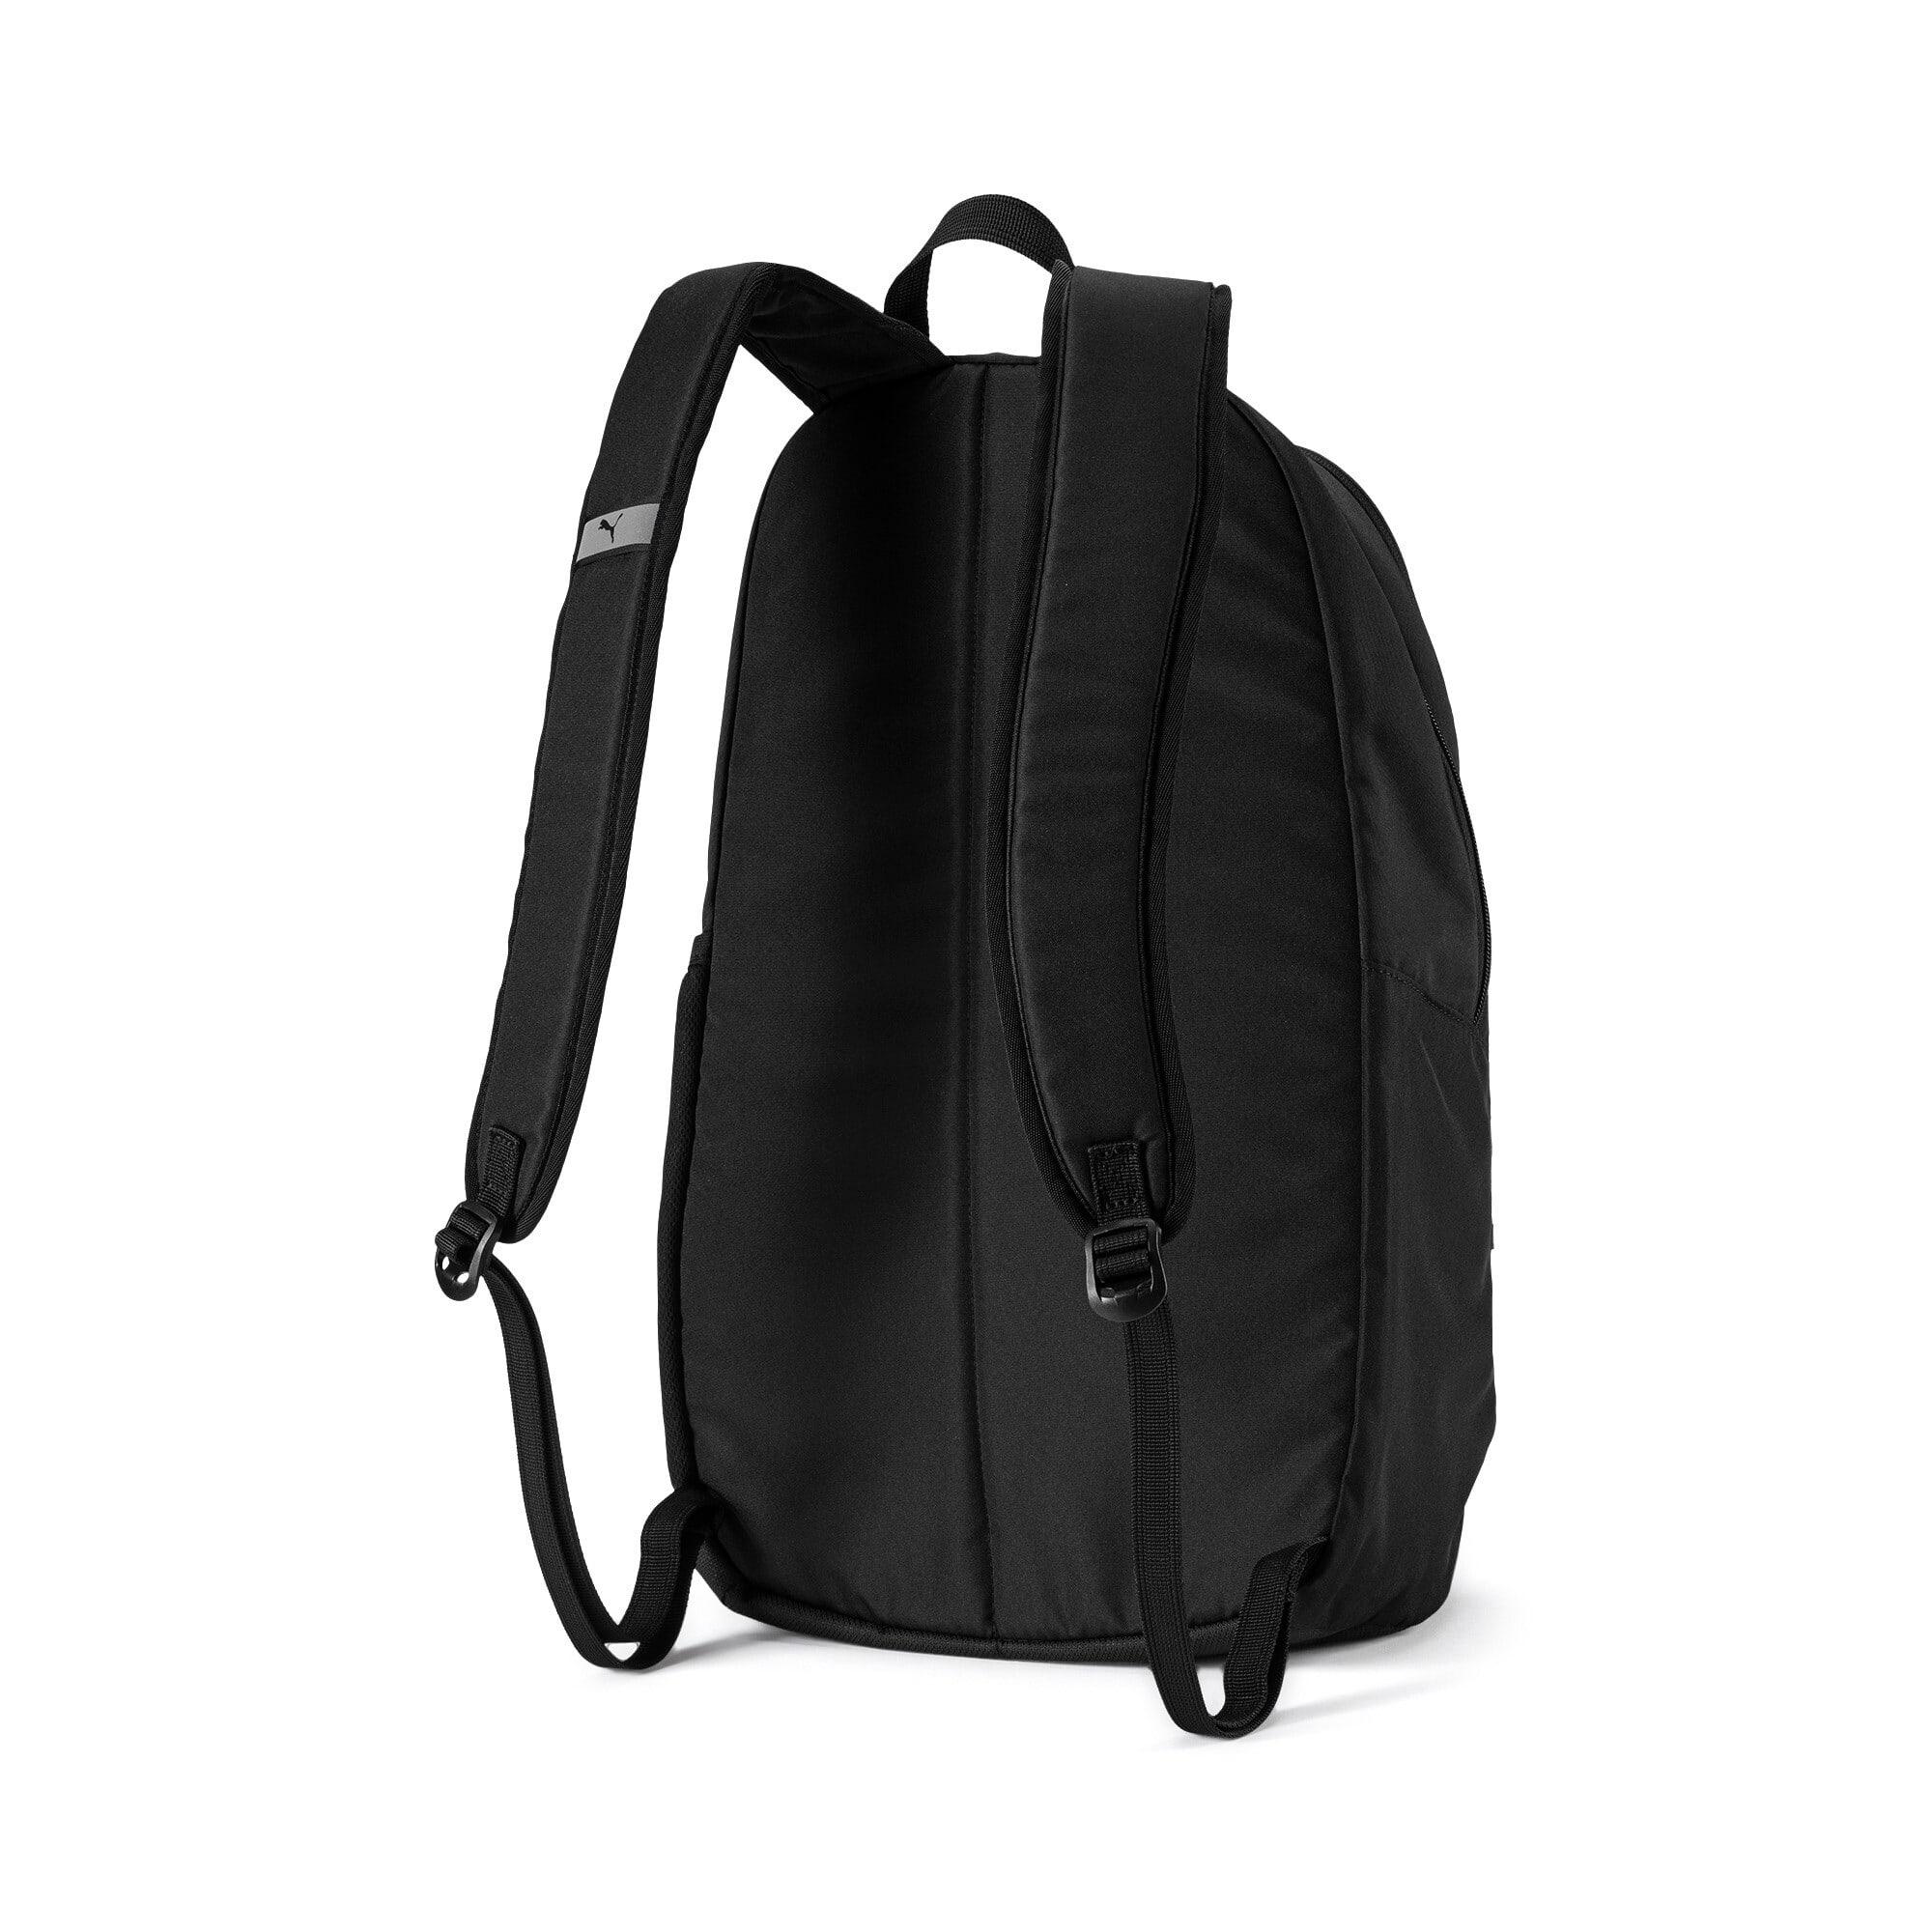 Thumbnail 2 of Scuderia Ferrari Fanwear Backpack, Puma Black, medium